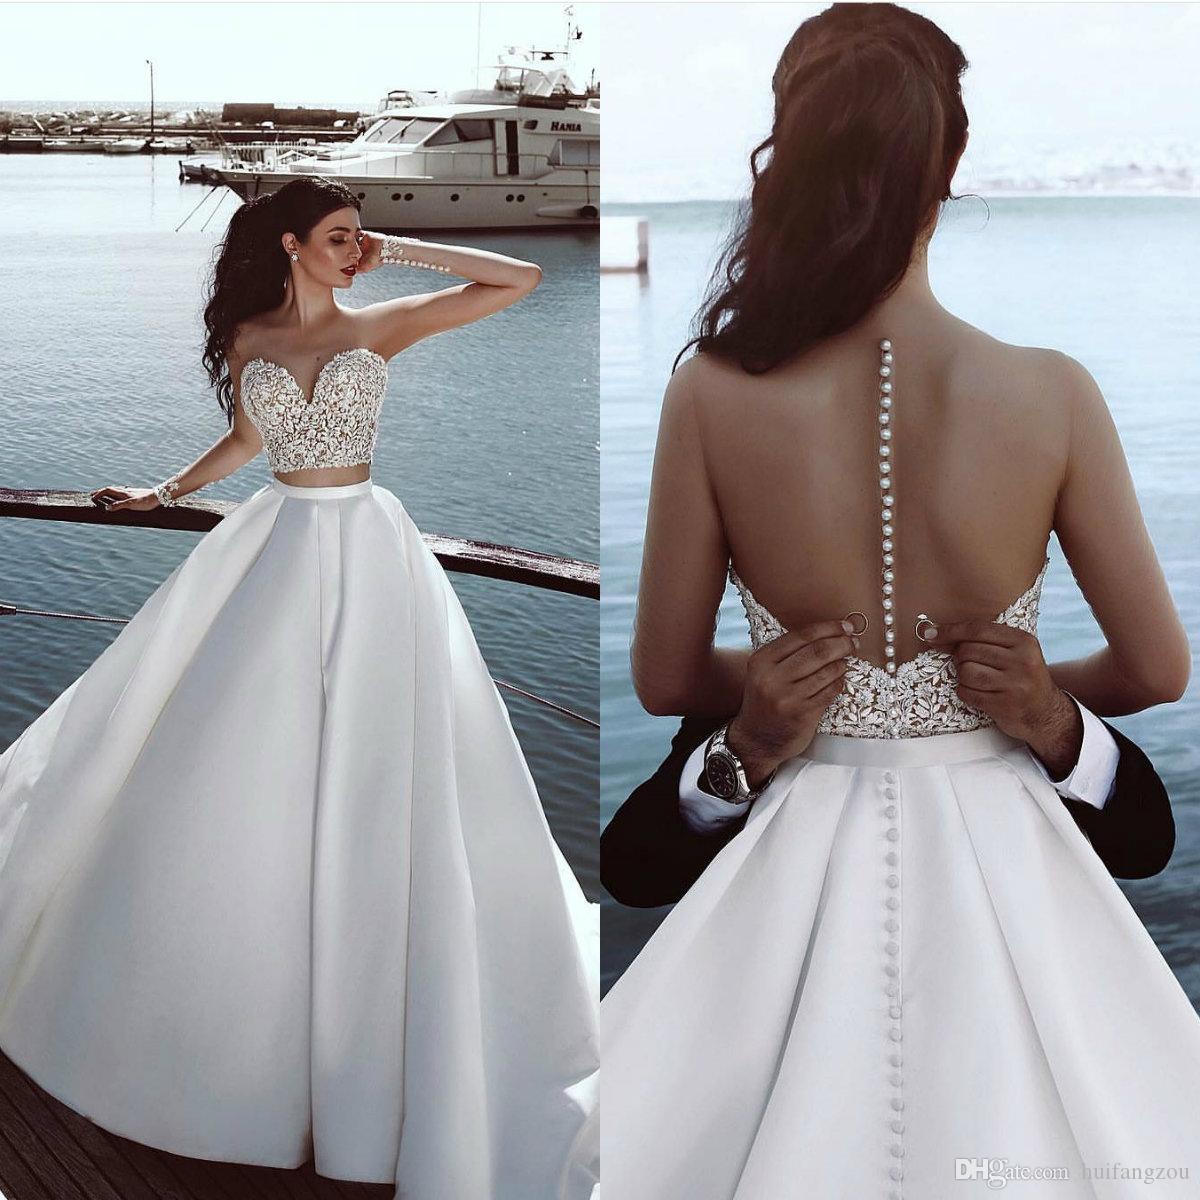 Großhandel Phantasie Zwei Stücke Hochzeitskleid Sommer Sweet Heart Sheer  Long Sleeves Bedeckt Tasten Brautkleider Sexy Brautkleider Von Huifangzou,